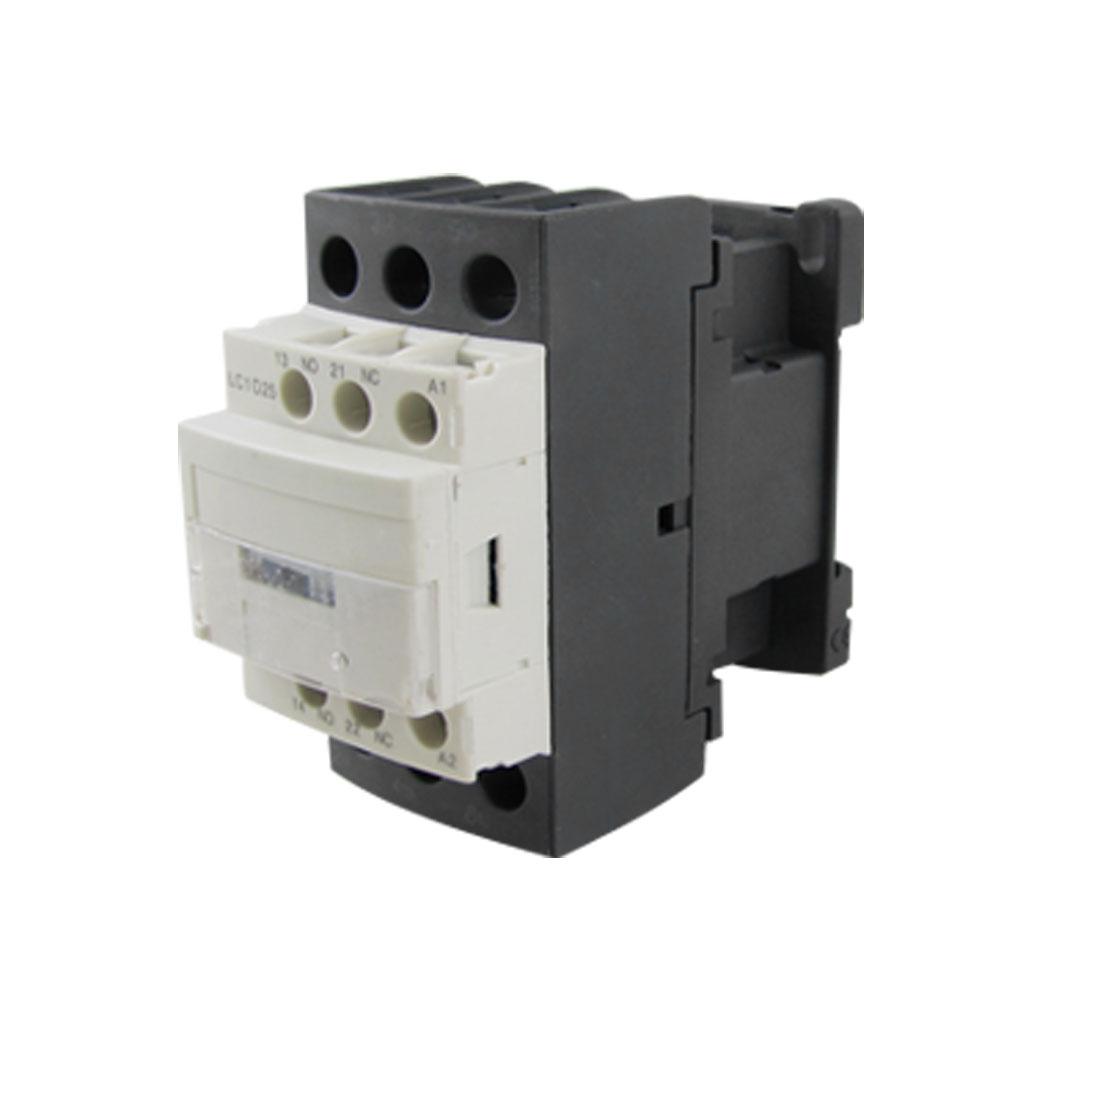 LC1D25Q7C 690V Ui 6KV Uimp NO NC 3 Poles AC Contactor 380V 50/60Hz 25A